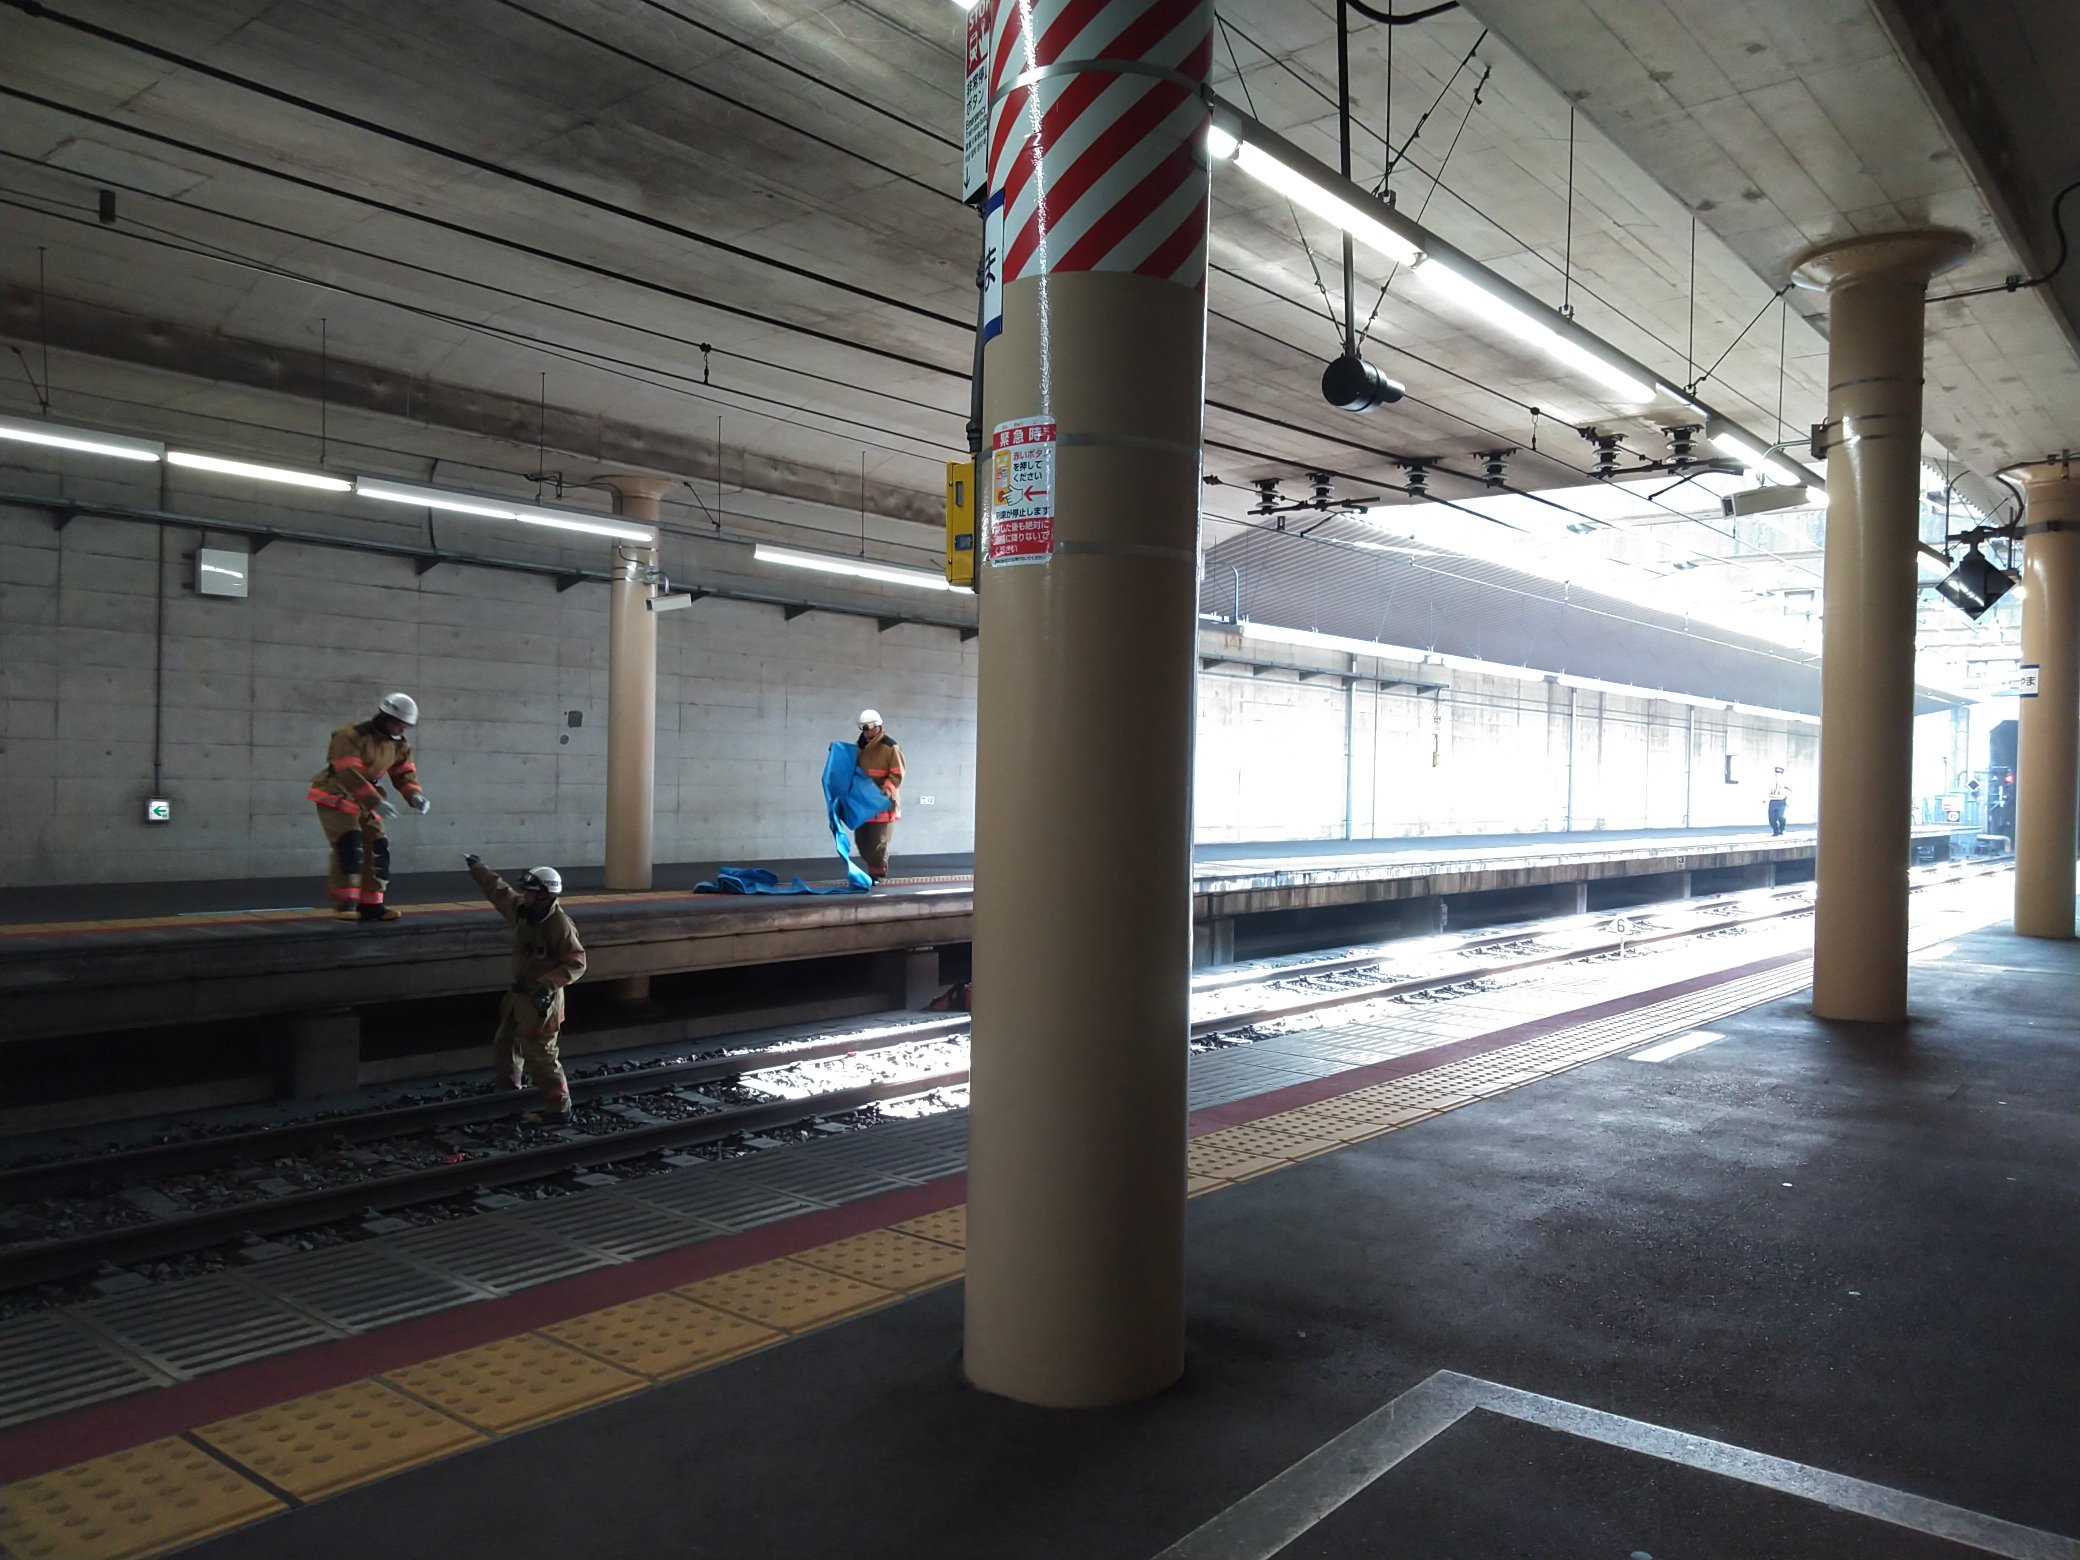 東松戸駅の人身事故で救護活動している現場の画像